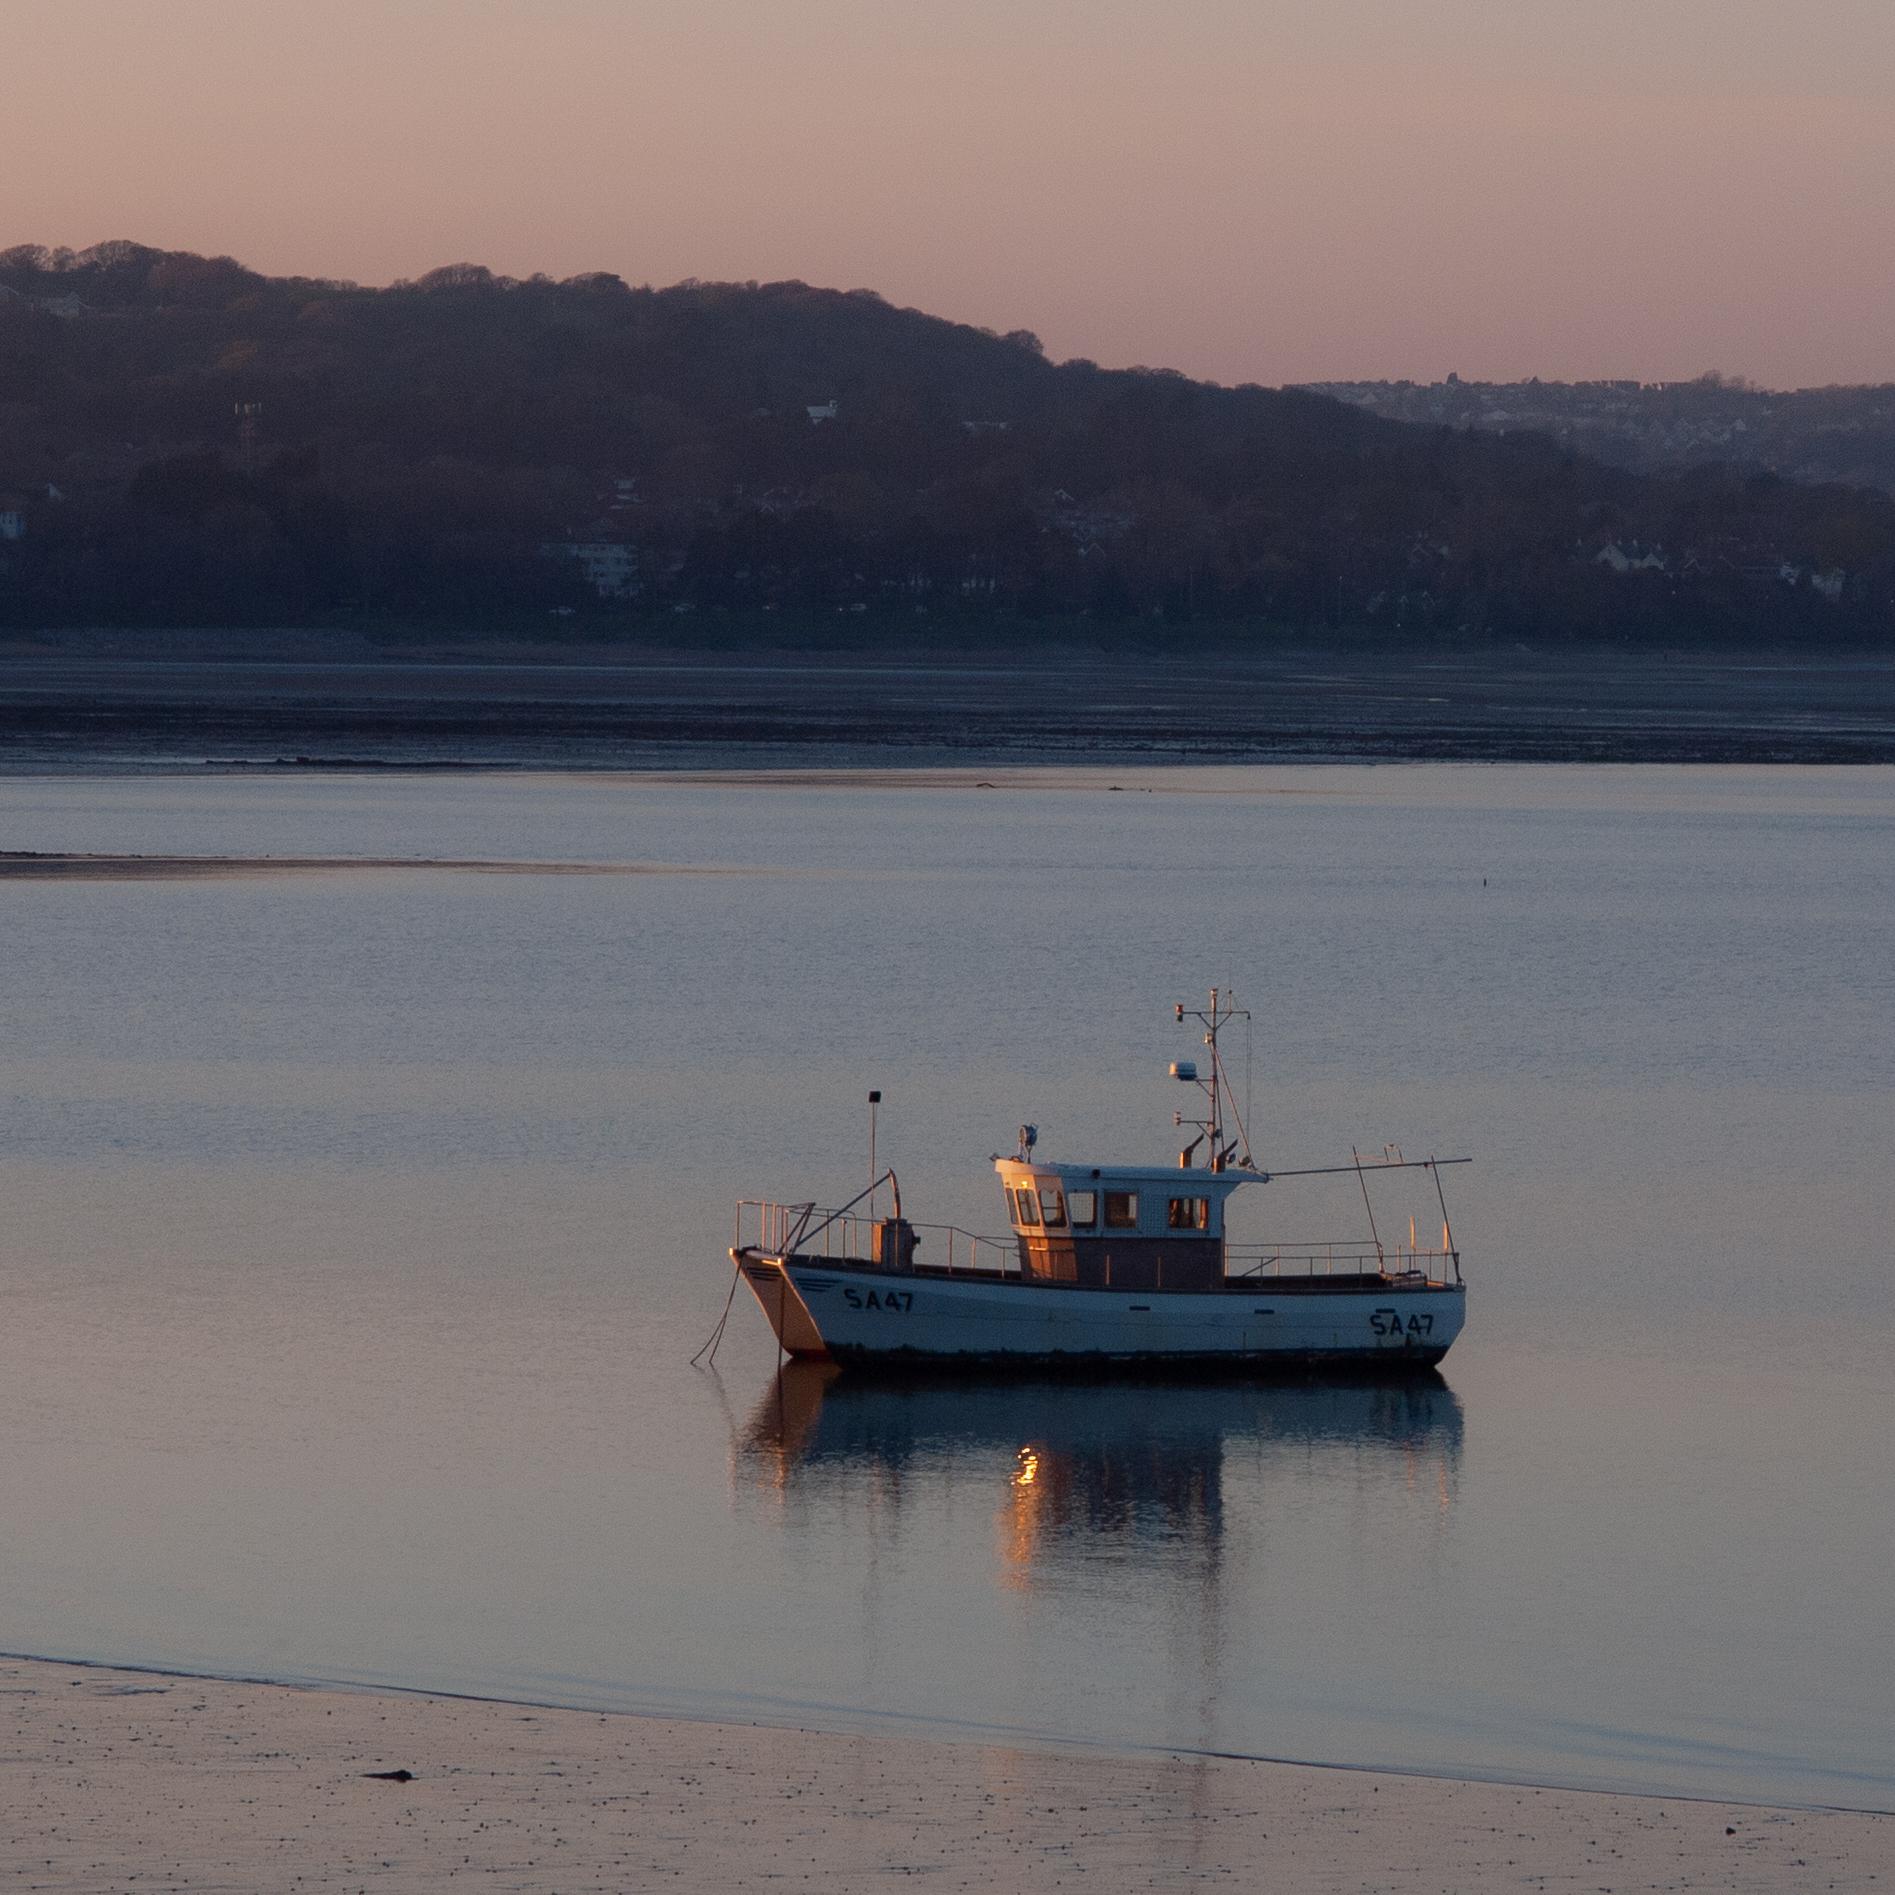 Fishing Vessel at anchor off Knab Rock